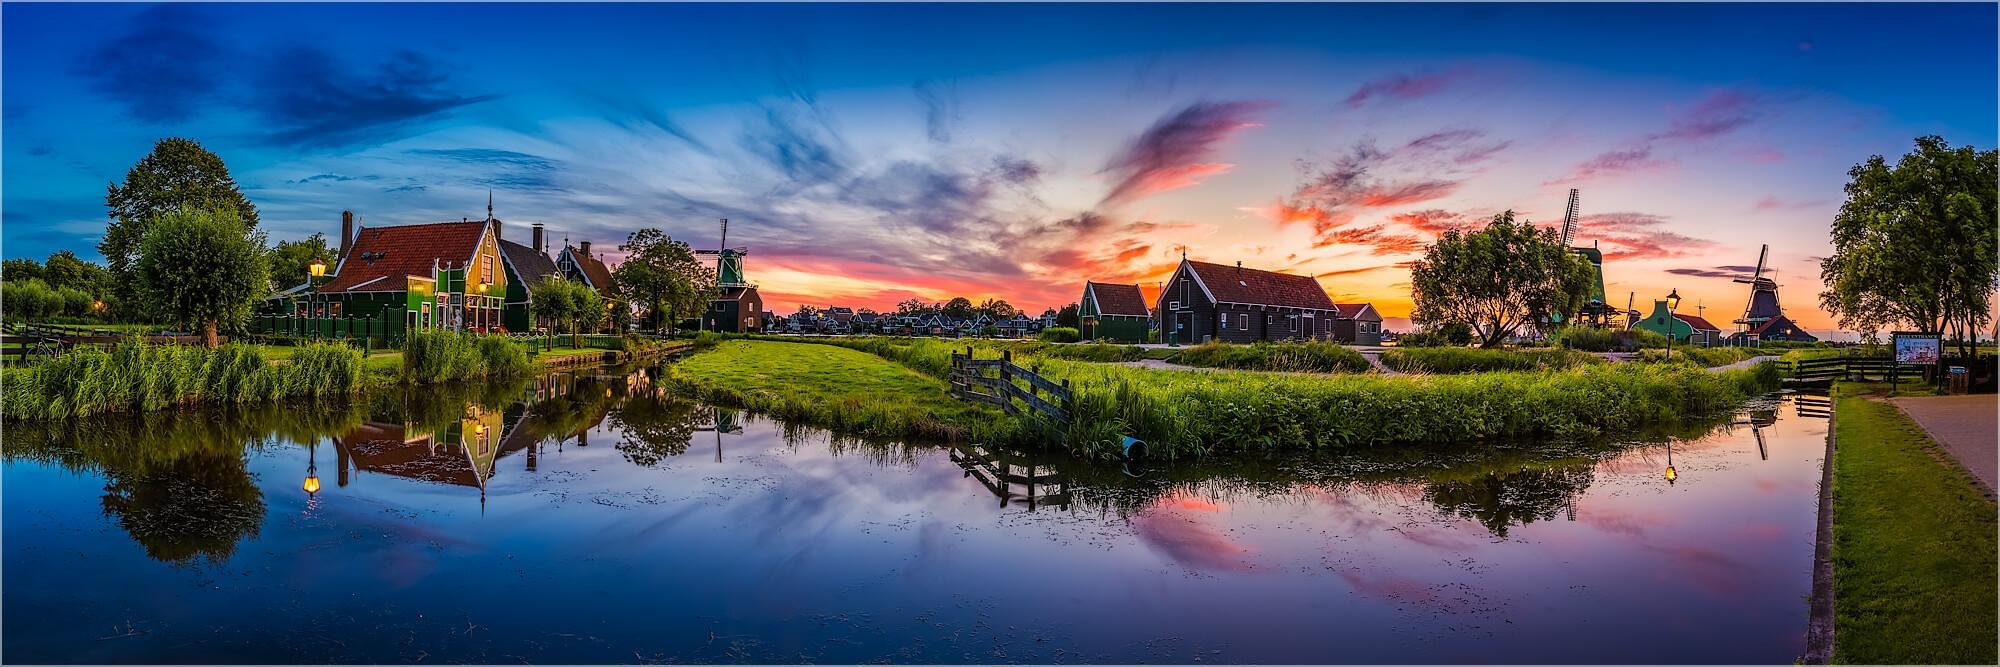 Panoramabild Abendstimmung in Zaanse Schans Holland